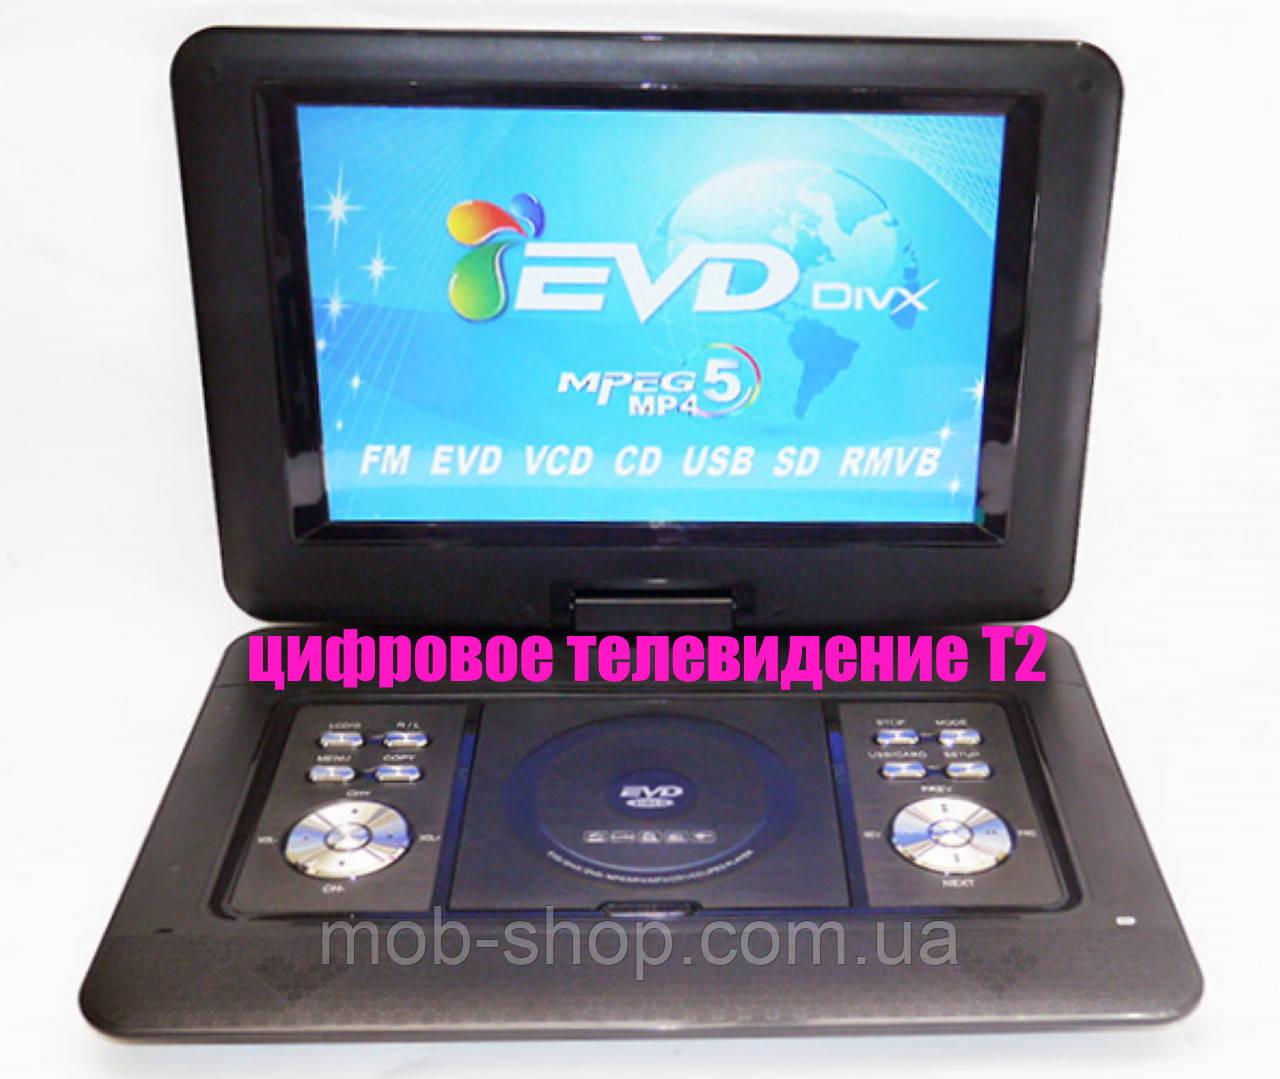 """Переносной портативный ДВД DVD проигрыватель Opera NS-1580 14"""" встроенный Т2 для дачи или машины"""